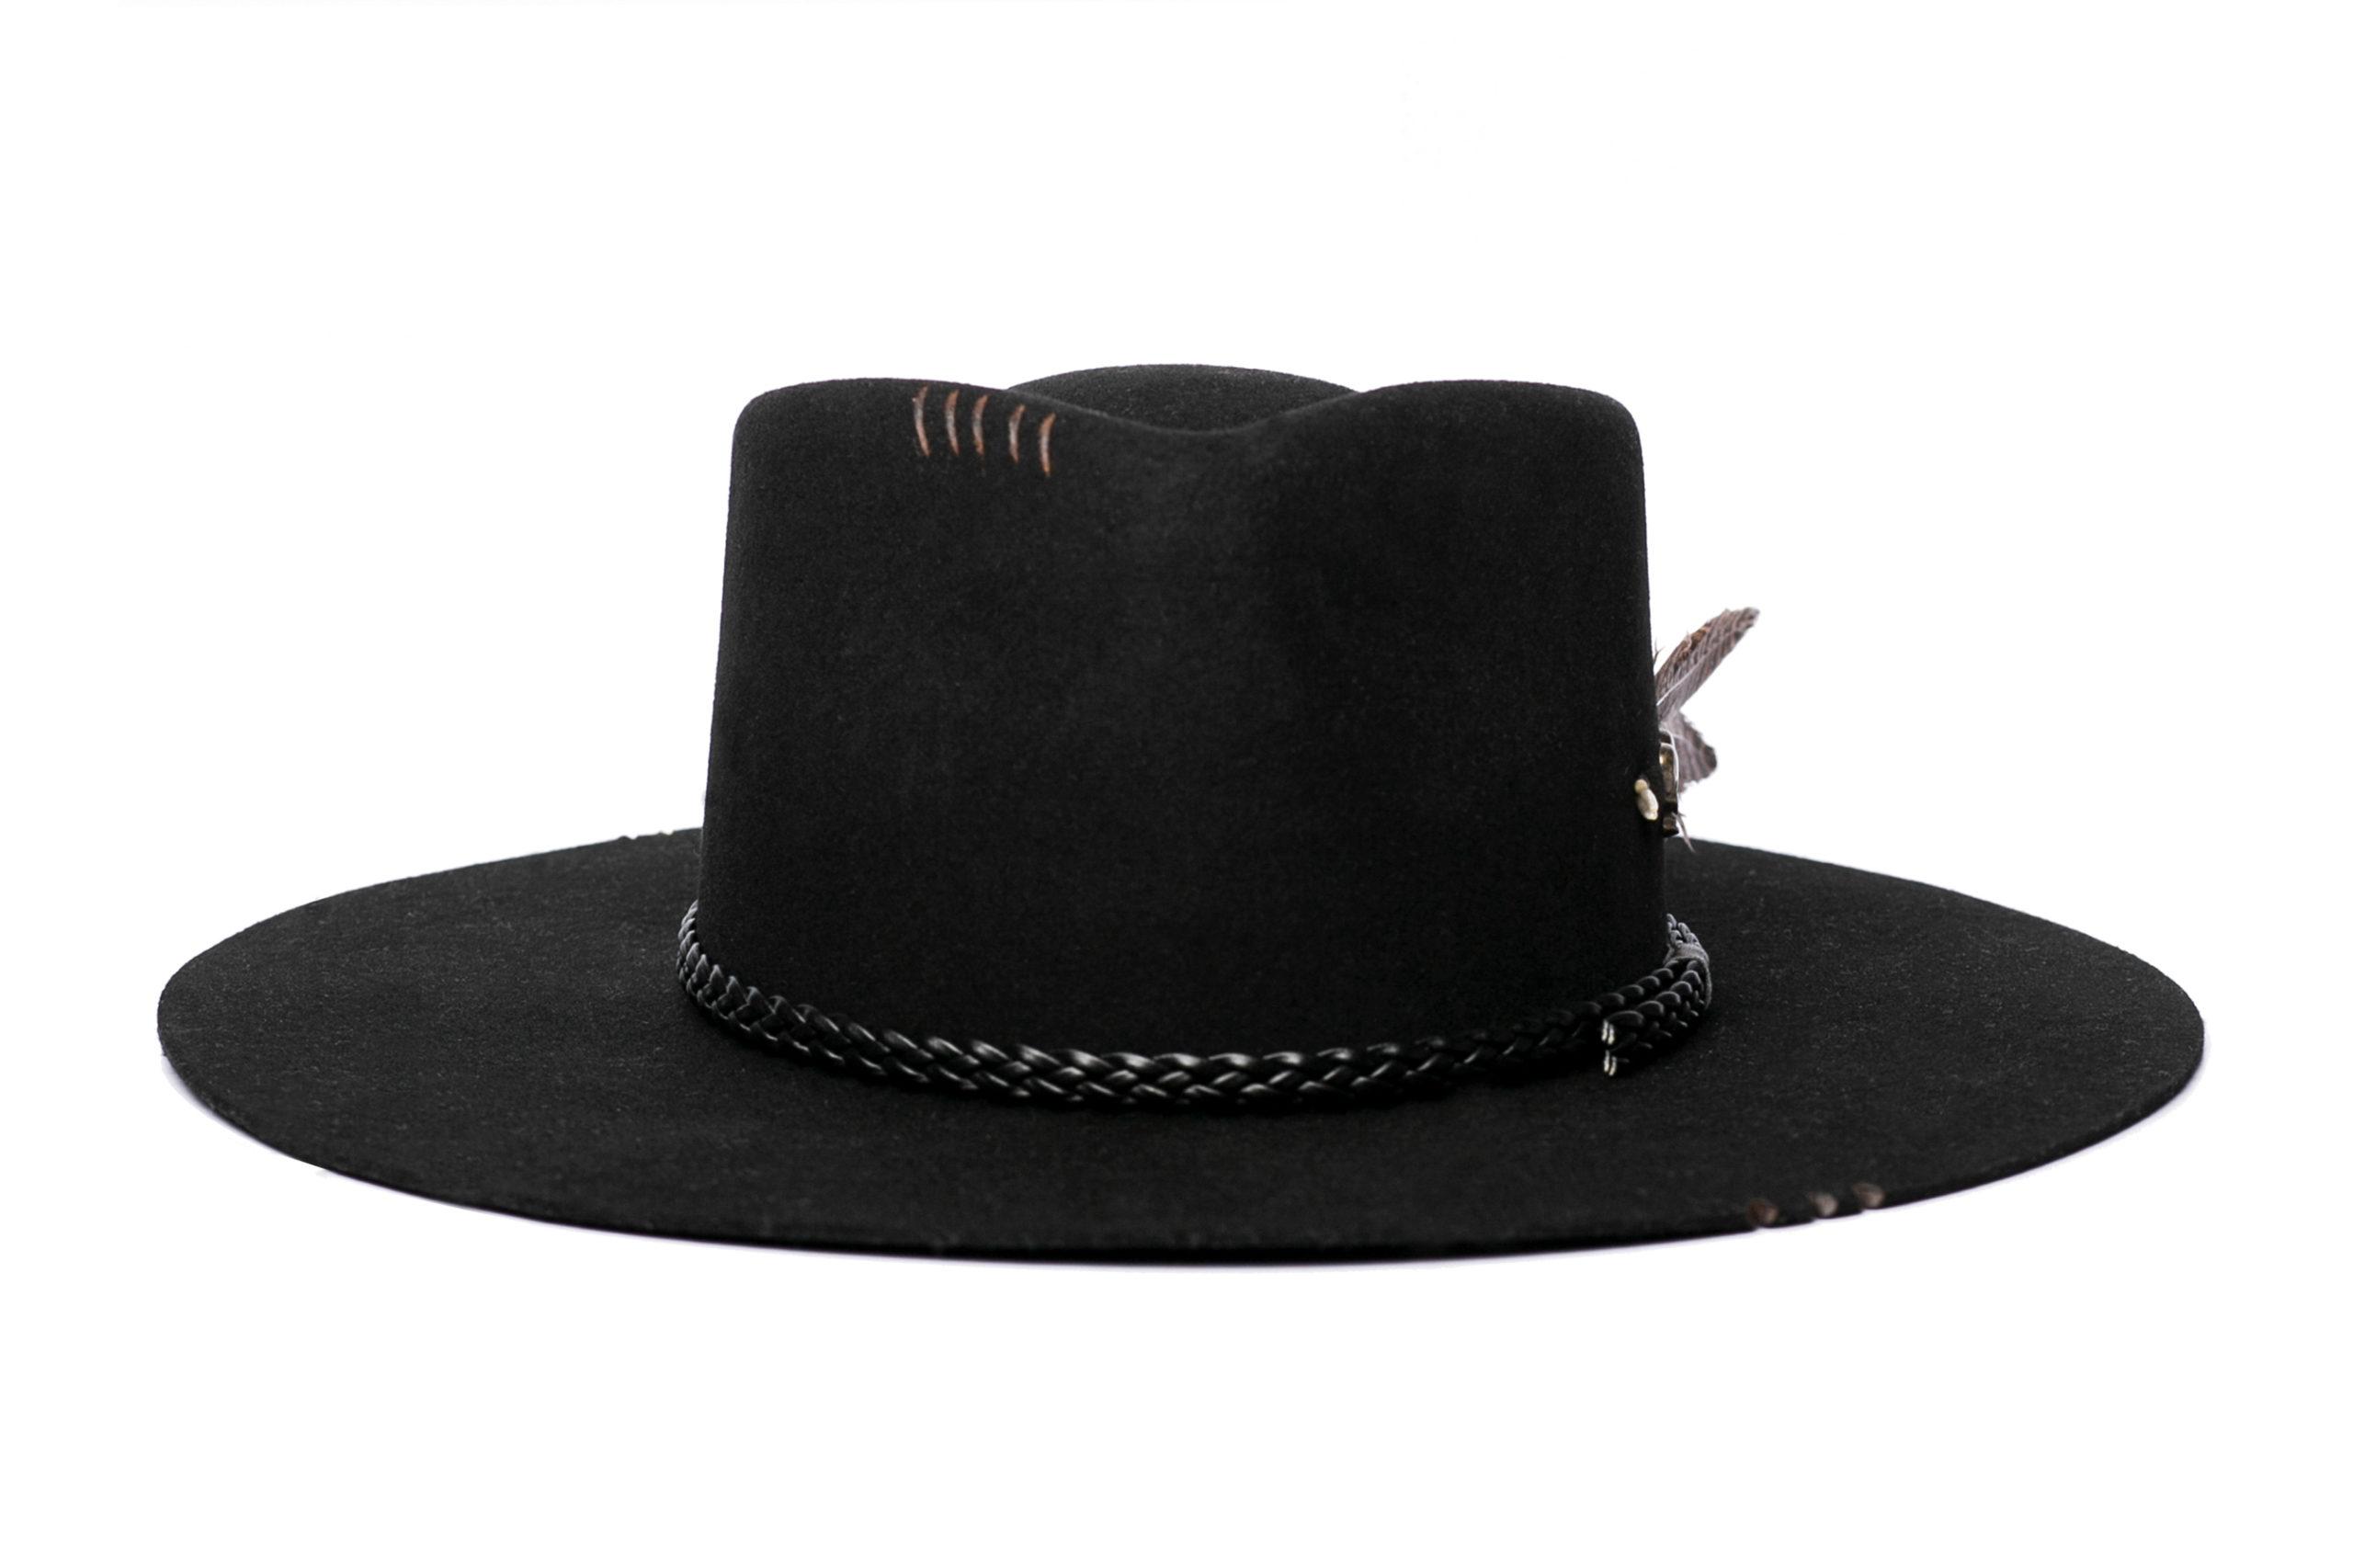 Rüyada Yuvarlak Siyah Yeni Şapka Almak Görmek